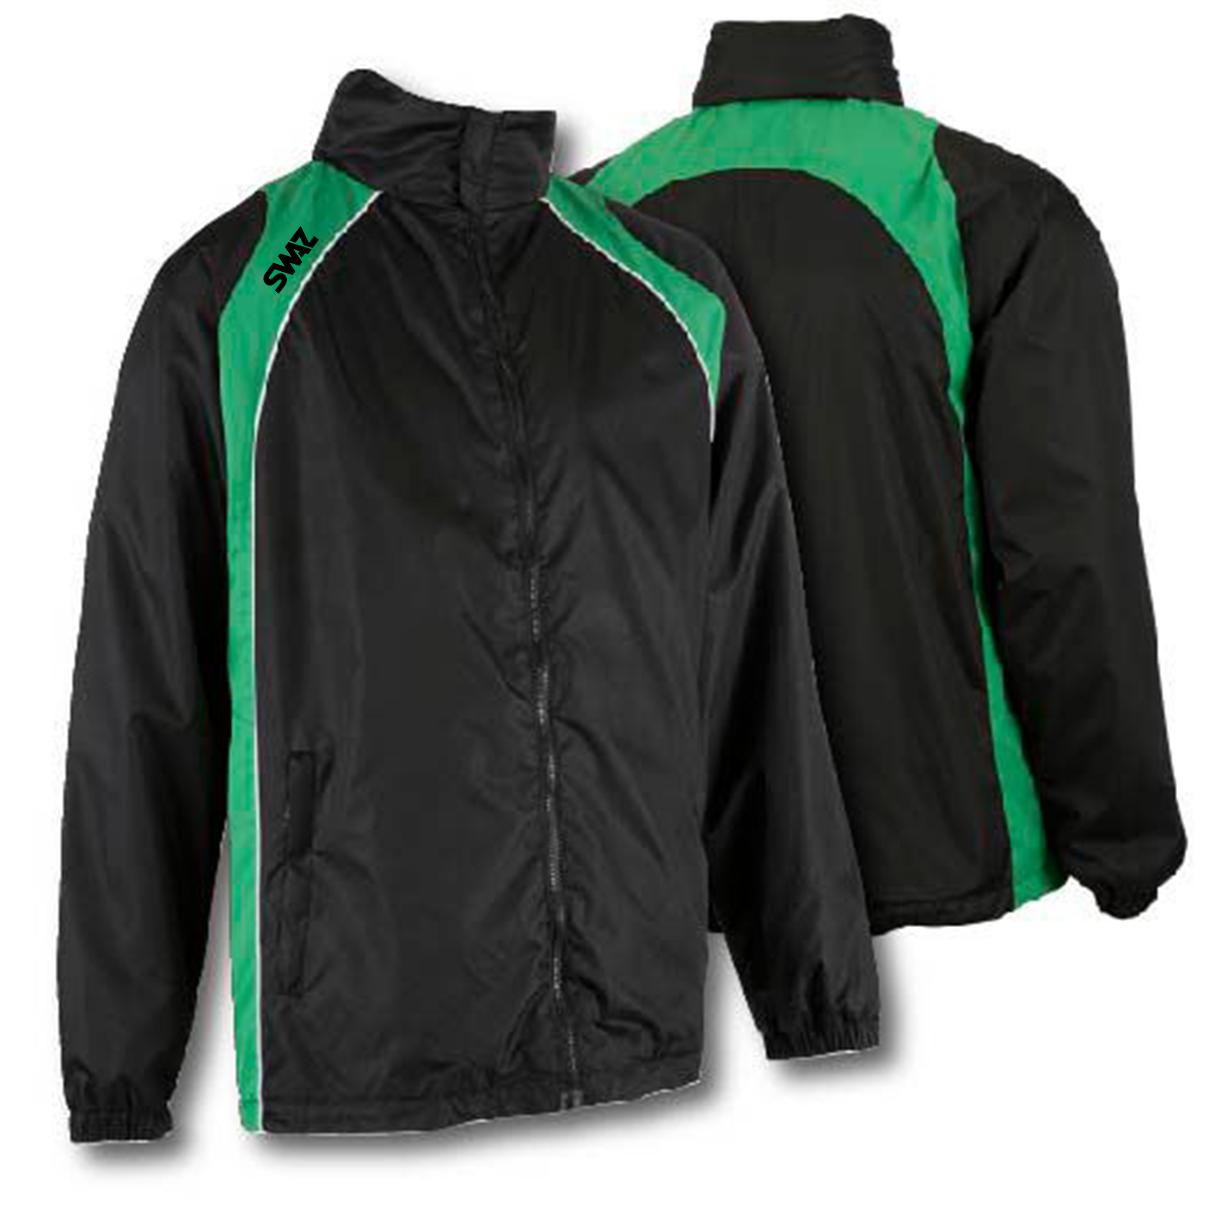 SWAZ Showerproof Jacket – Black/Green